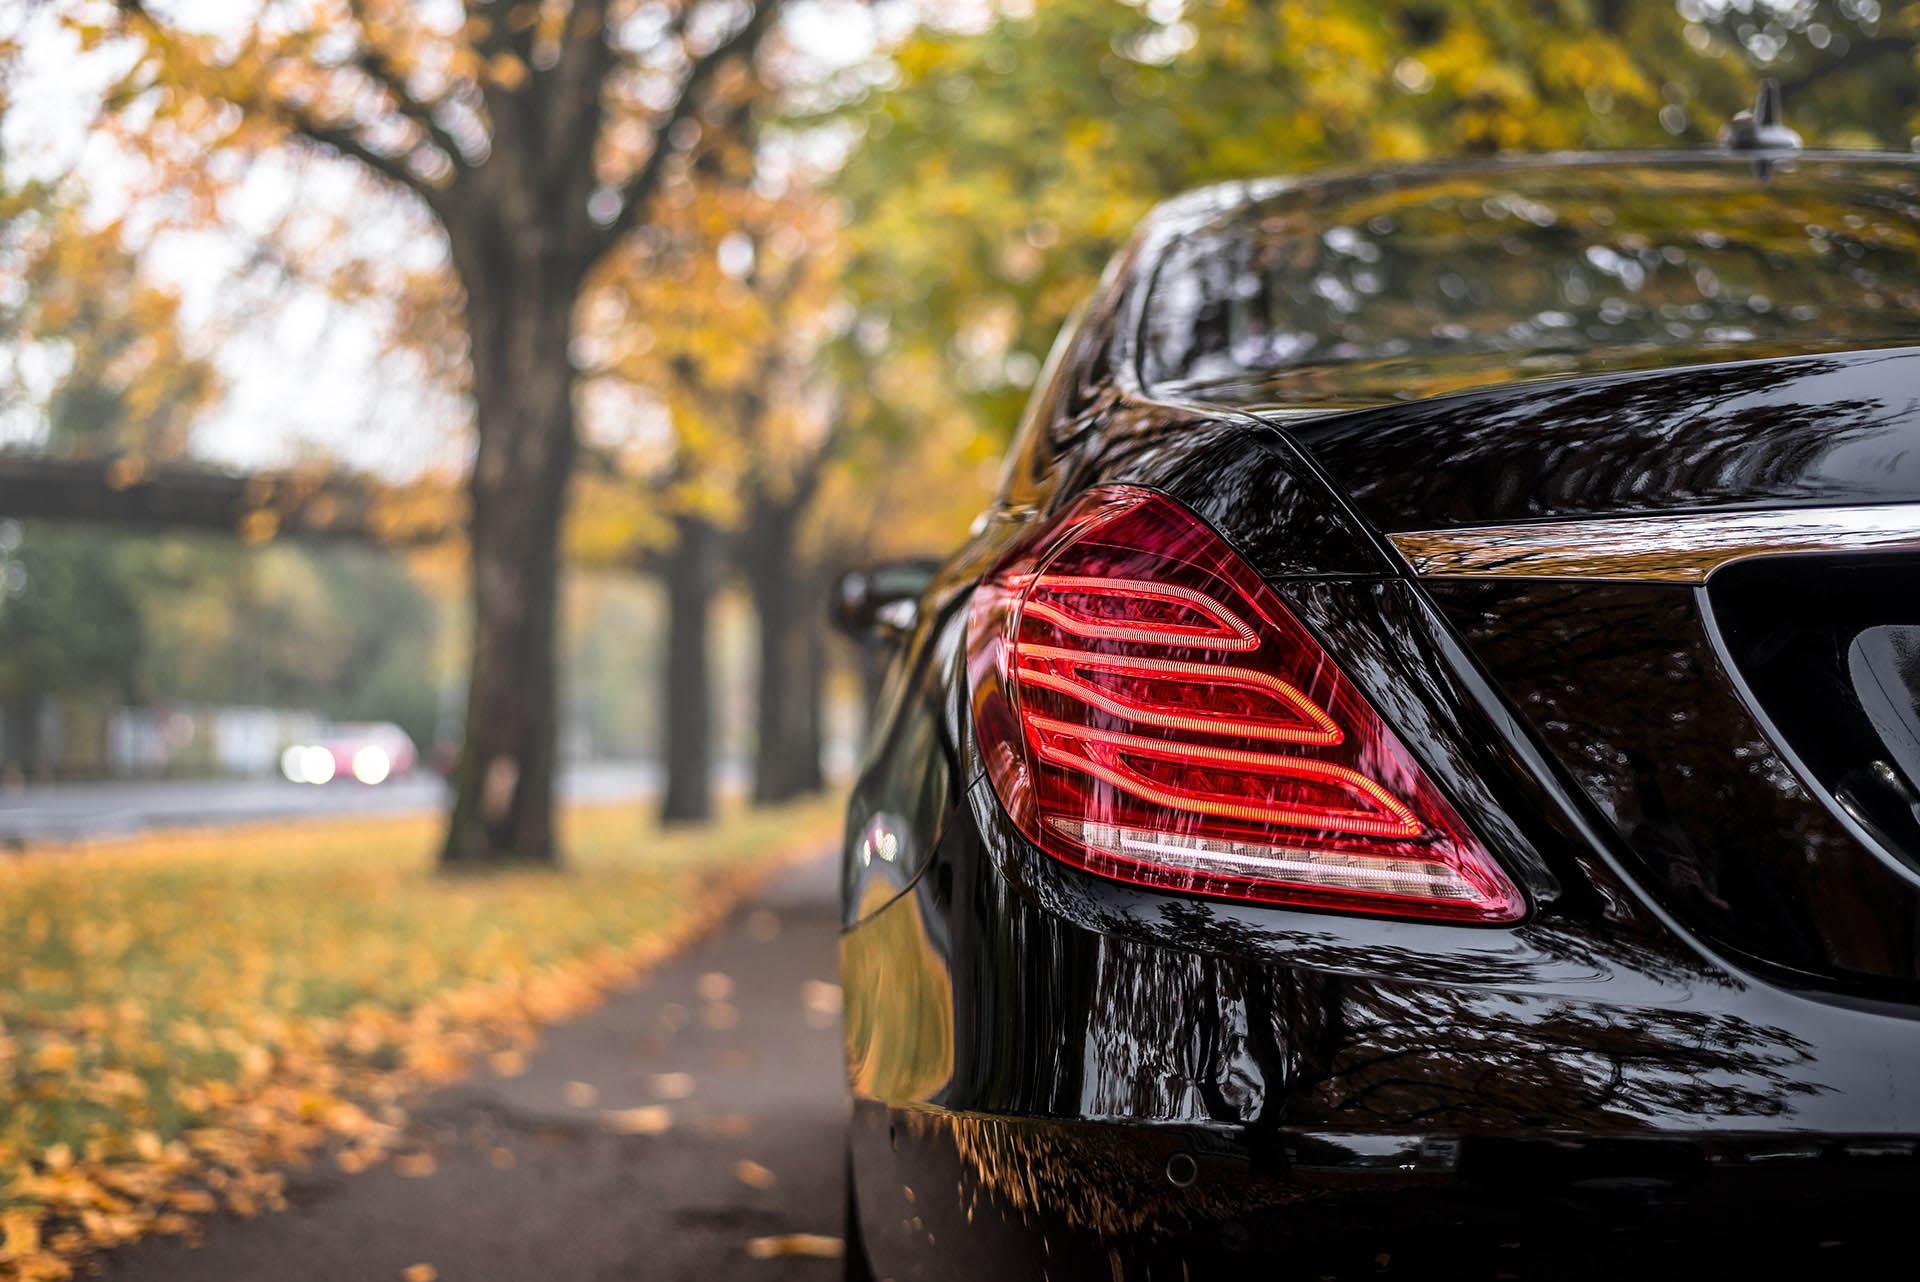 B+K_Sportwagen_Rheinland_GmbH_Mercedes_Benz_Sklasse_500_schwarz_21